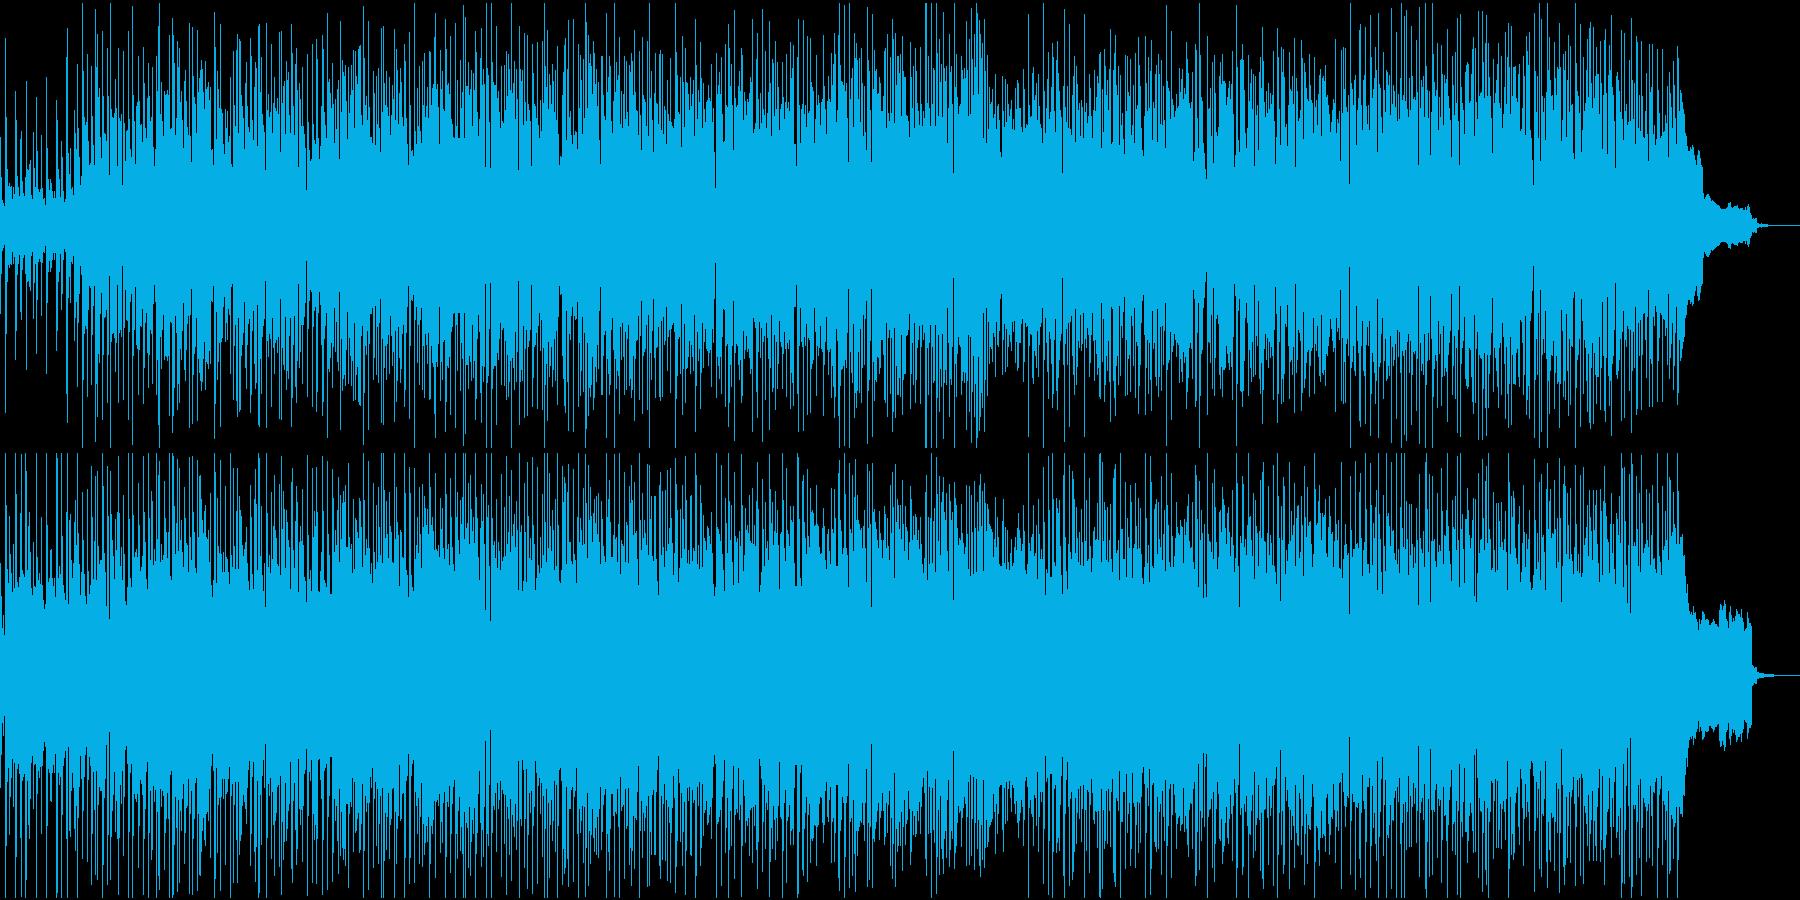 アコギストローク+オルガンの60sロックの再生済みの波形